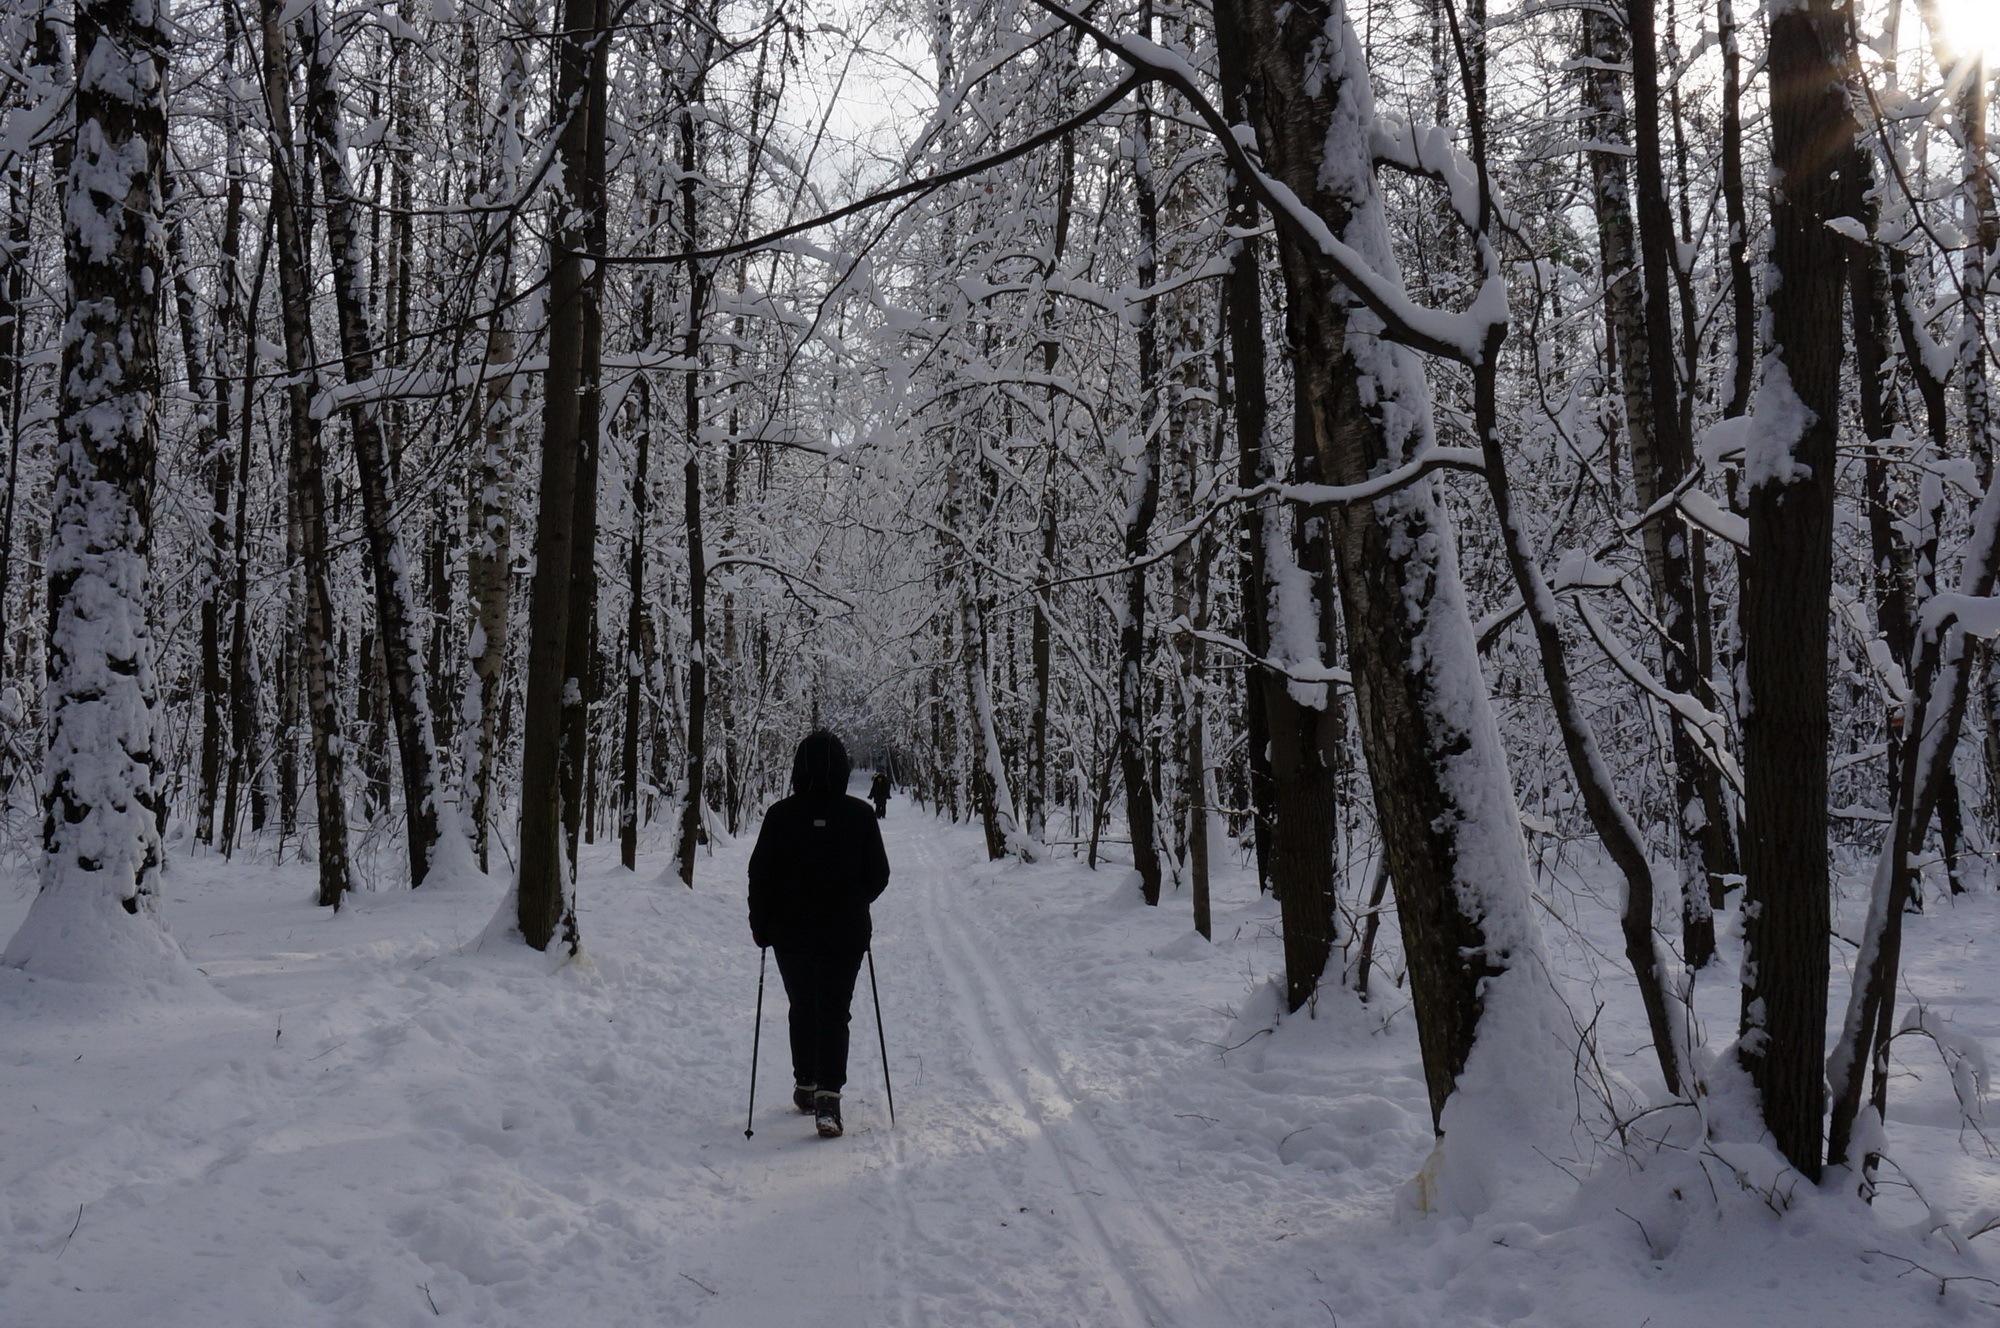 Годик деньги подкоплю - лыжи я себе куплю by Yurkoff Wladimir